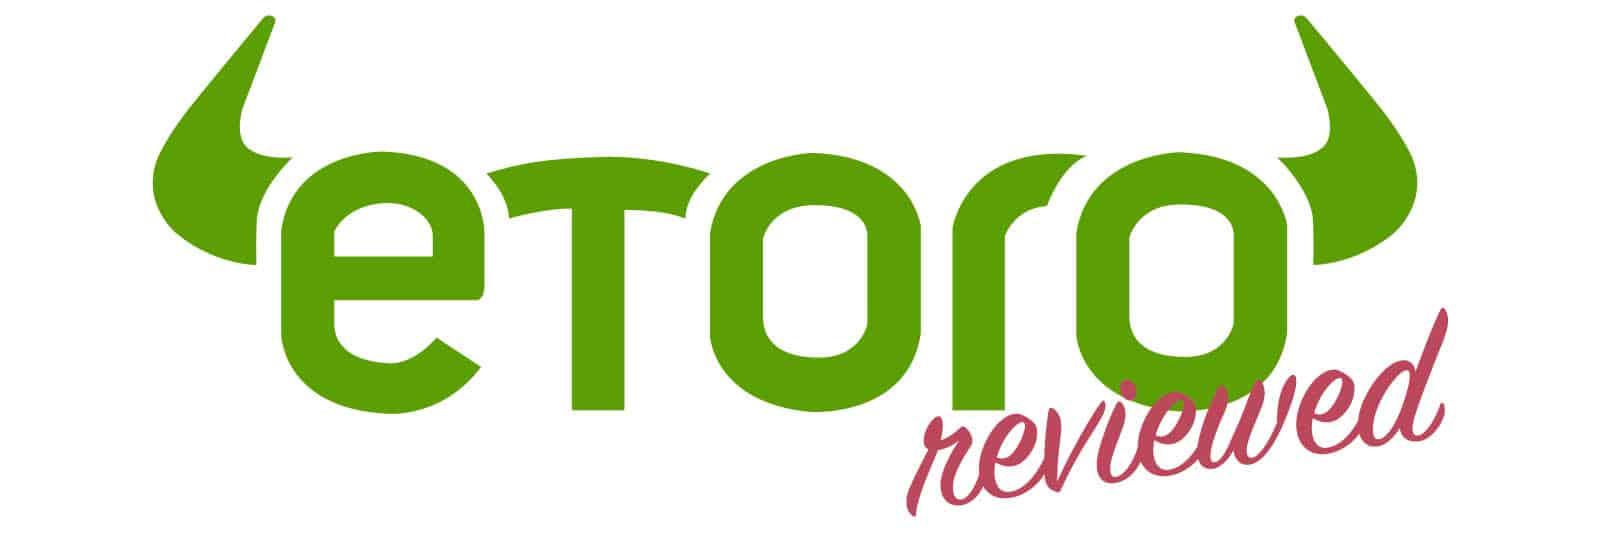 etoro-app-review